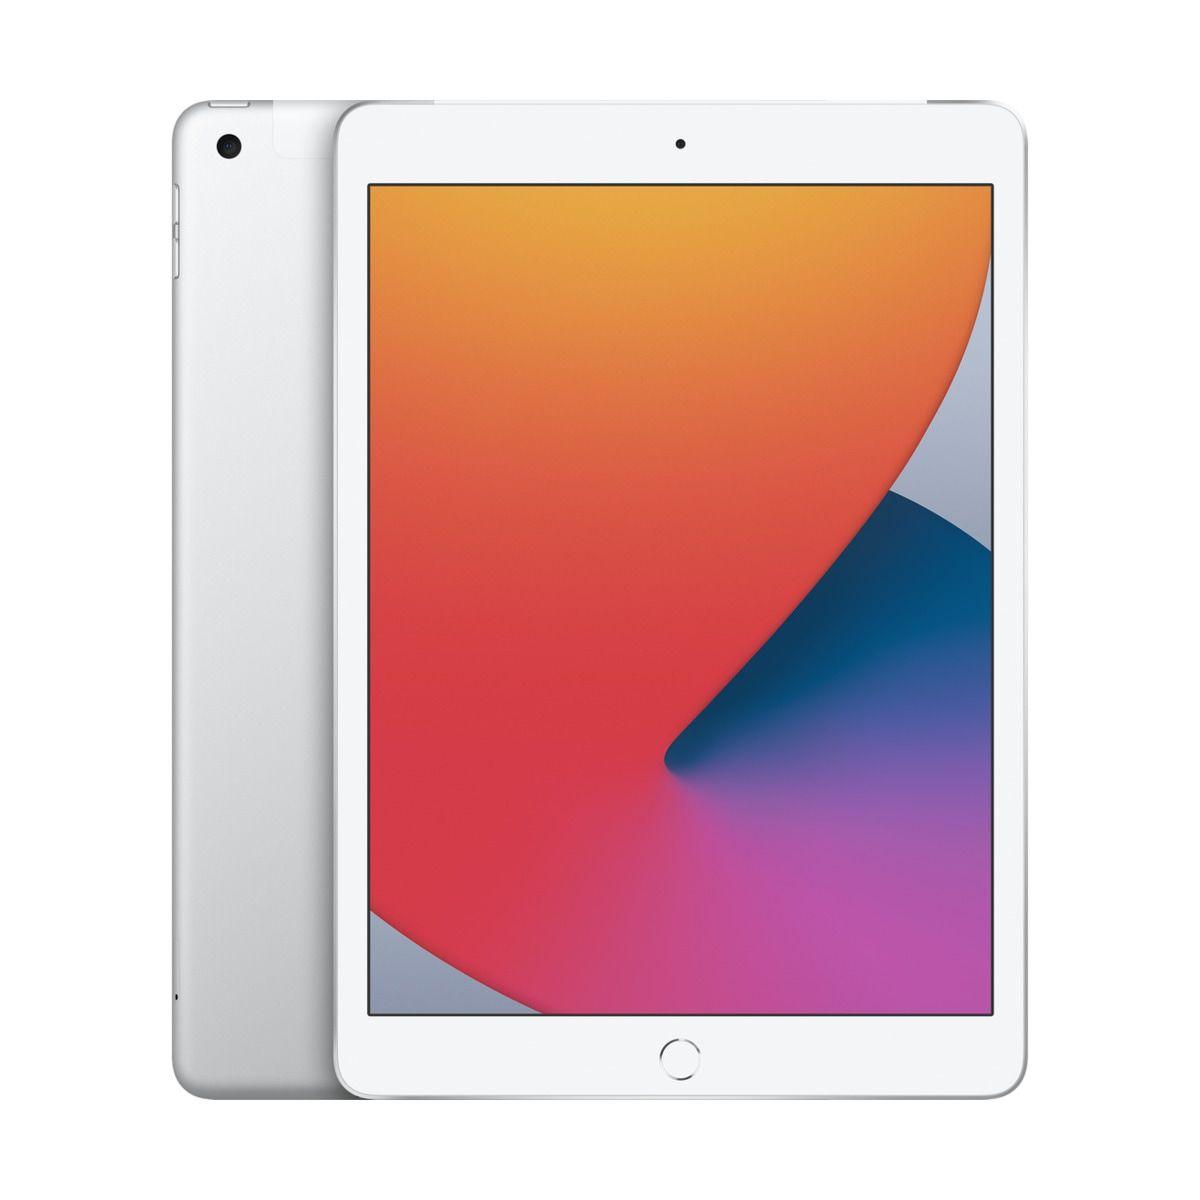 Apple iPad Wi-Fi+Cell 32GB - Silver